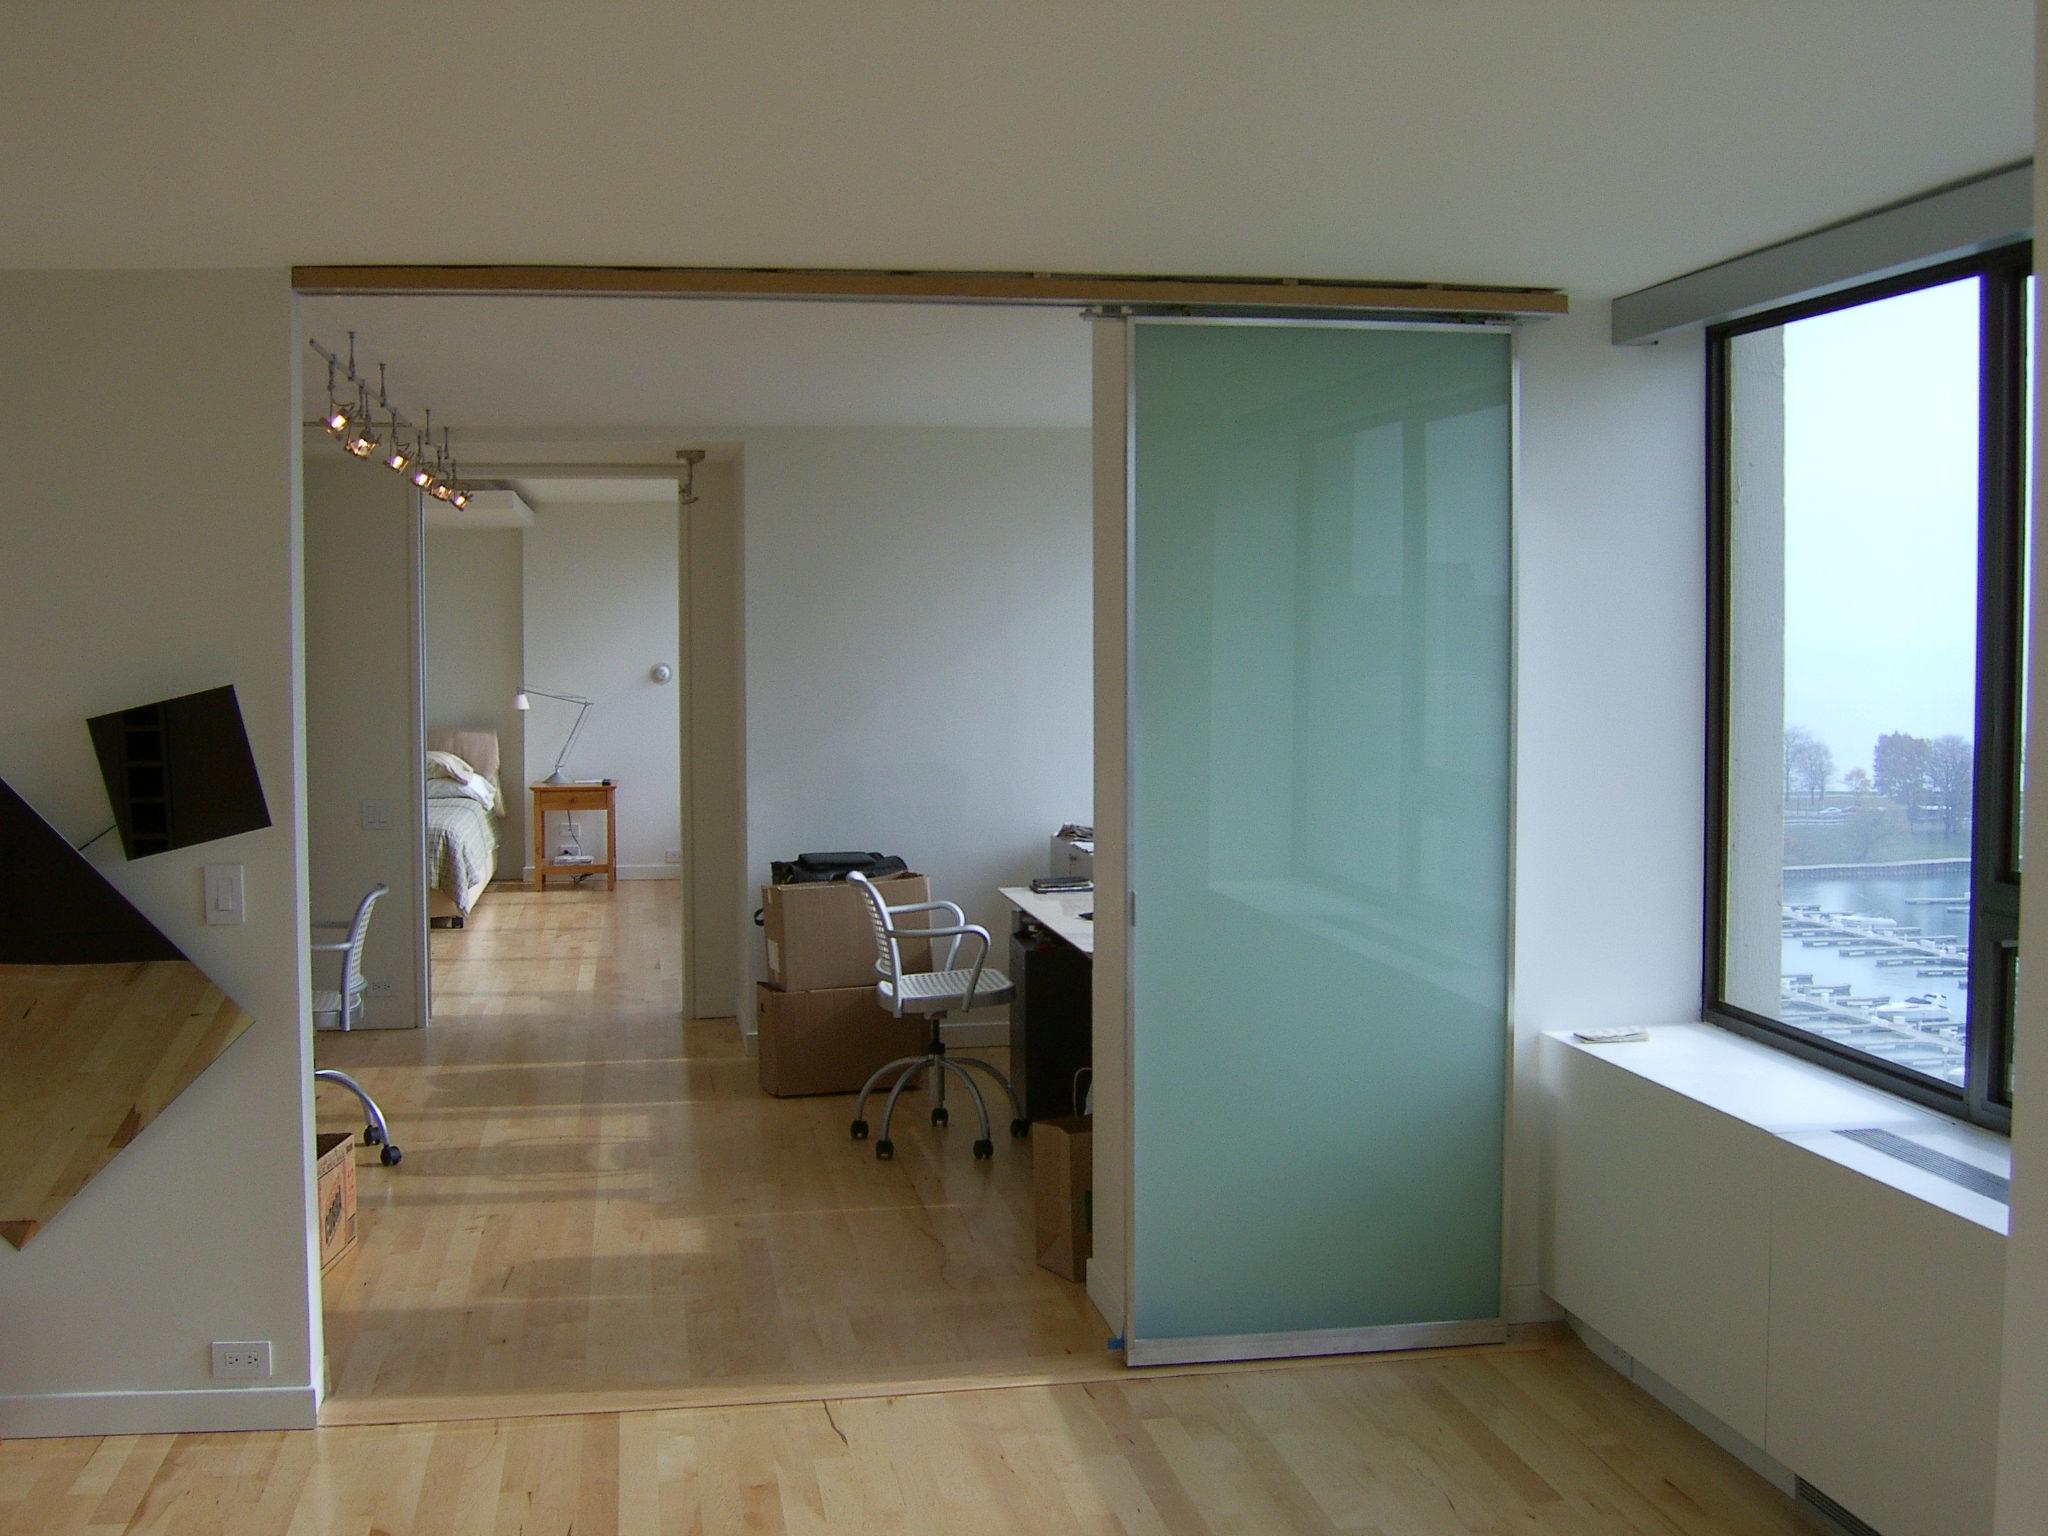 Lake_Shore_Drive_Residence_Interior_Office_Glass_Barn_Door.JPG